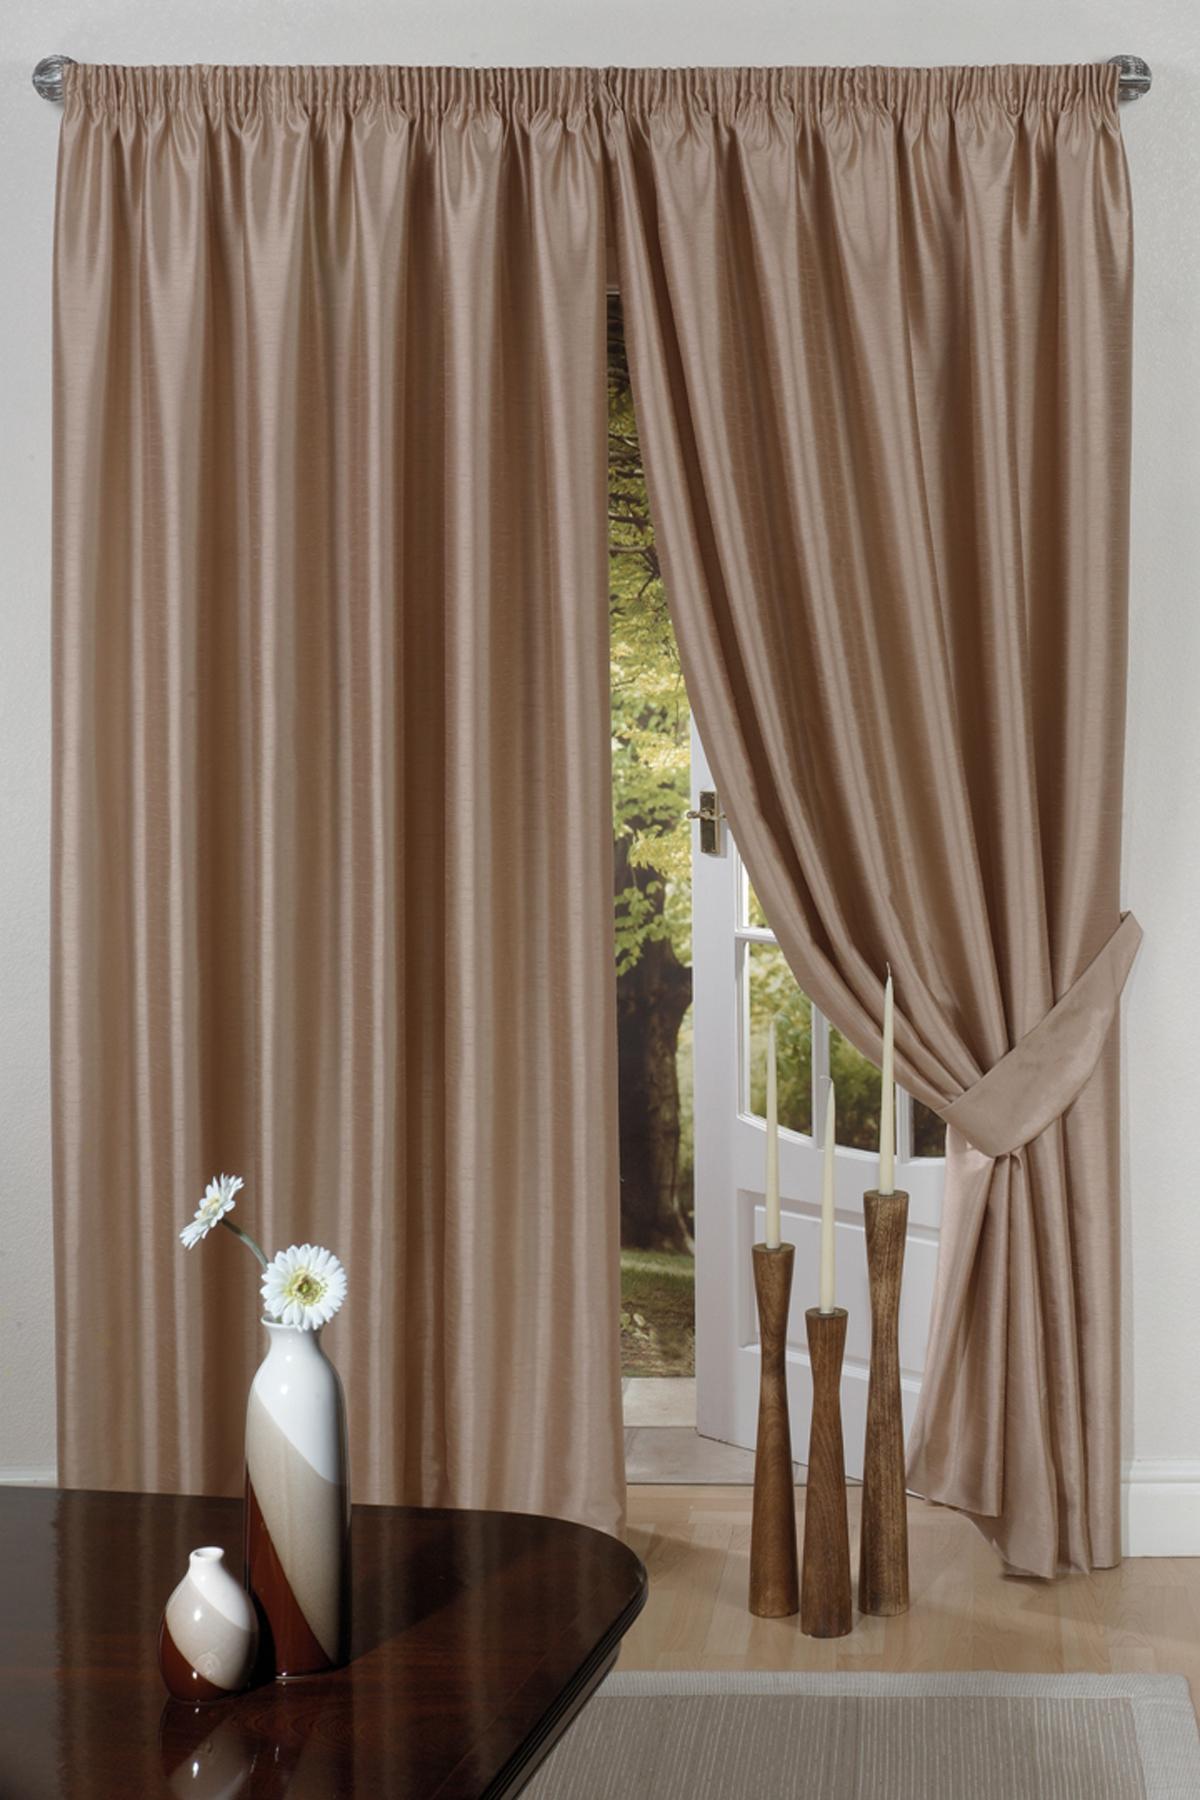 luxus kunstseide vorhang gebrauchsber d nne falten futter raffhalter oben band ebay. Black Bedroom Furniture Sets. Home Design Ideas